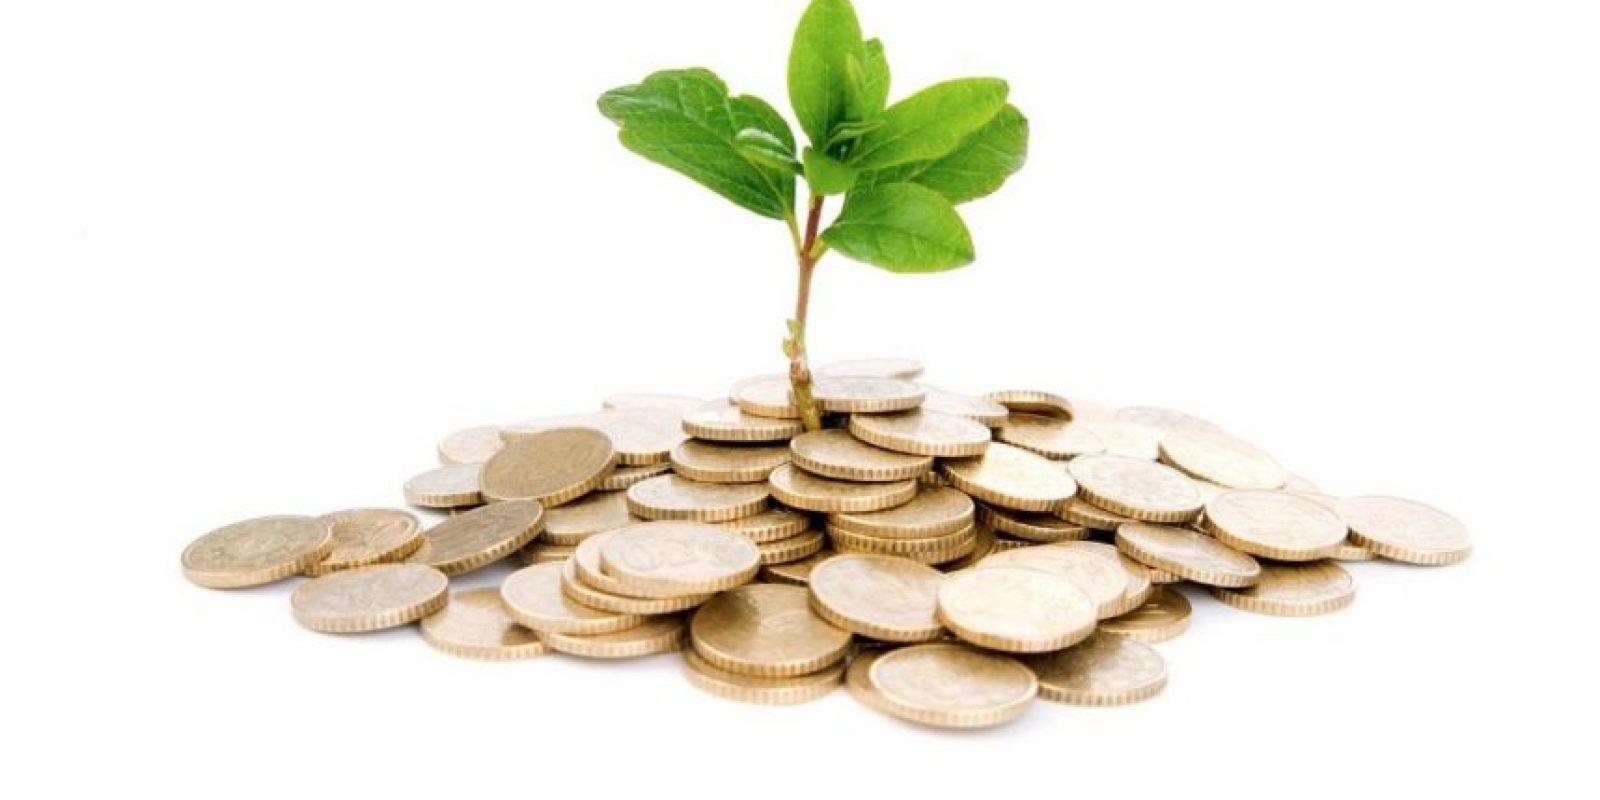 ¿Quién no tiene algún problema de dinero, de trabajo o de desamor? Sencillamente, porque así es la vida y siempre rengueamos en algún aspecto.